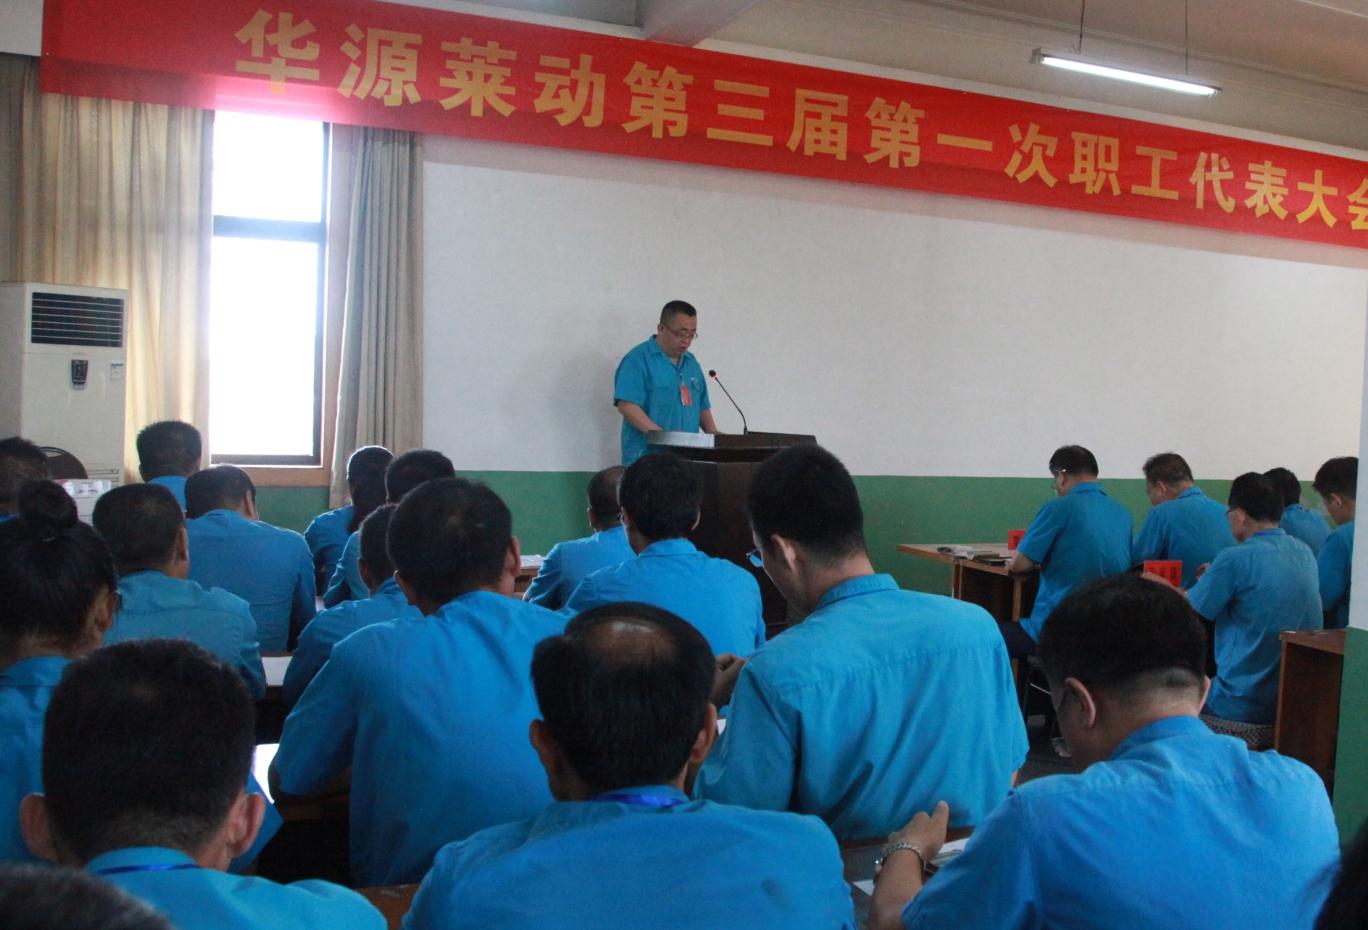 山东bwin集团莱动内燃机有限公司 召开第三届第一次职工代表大会